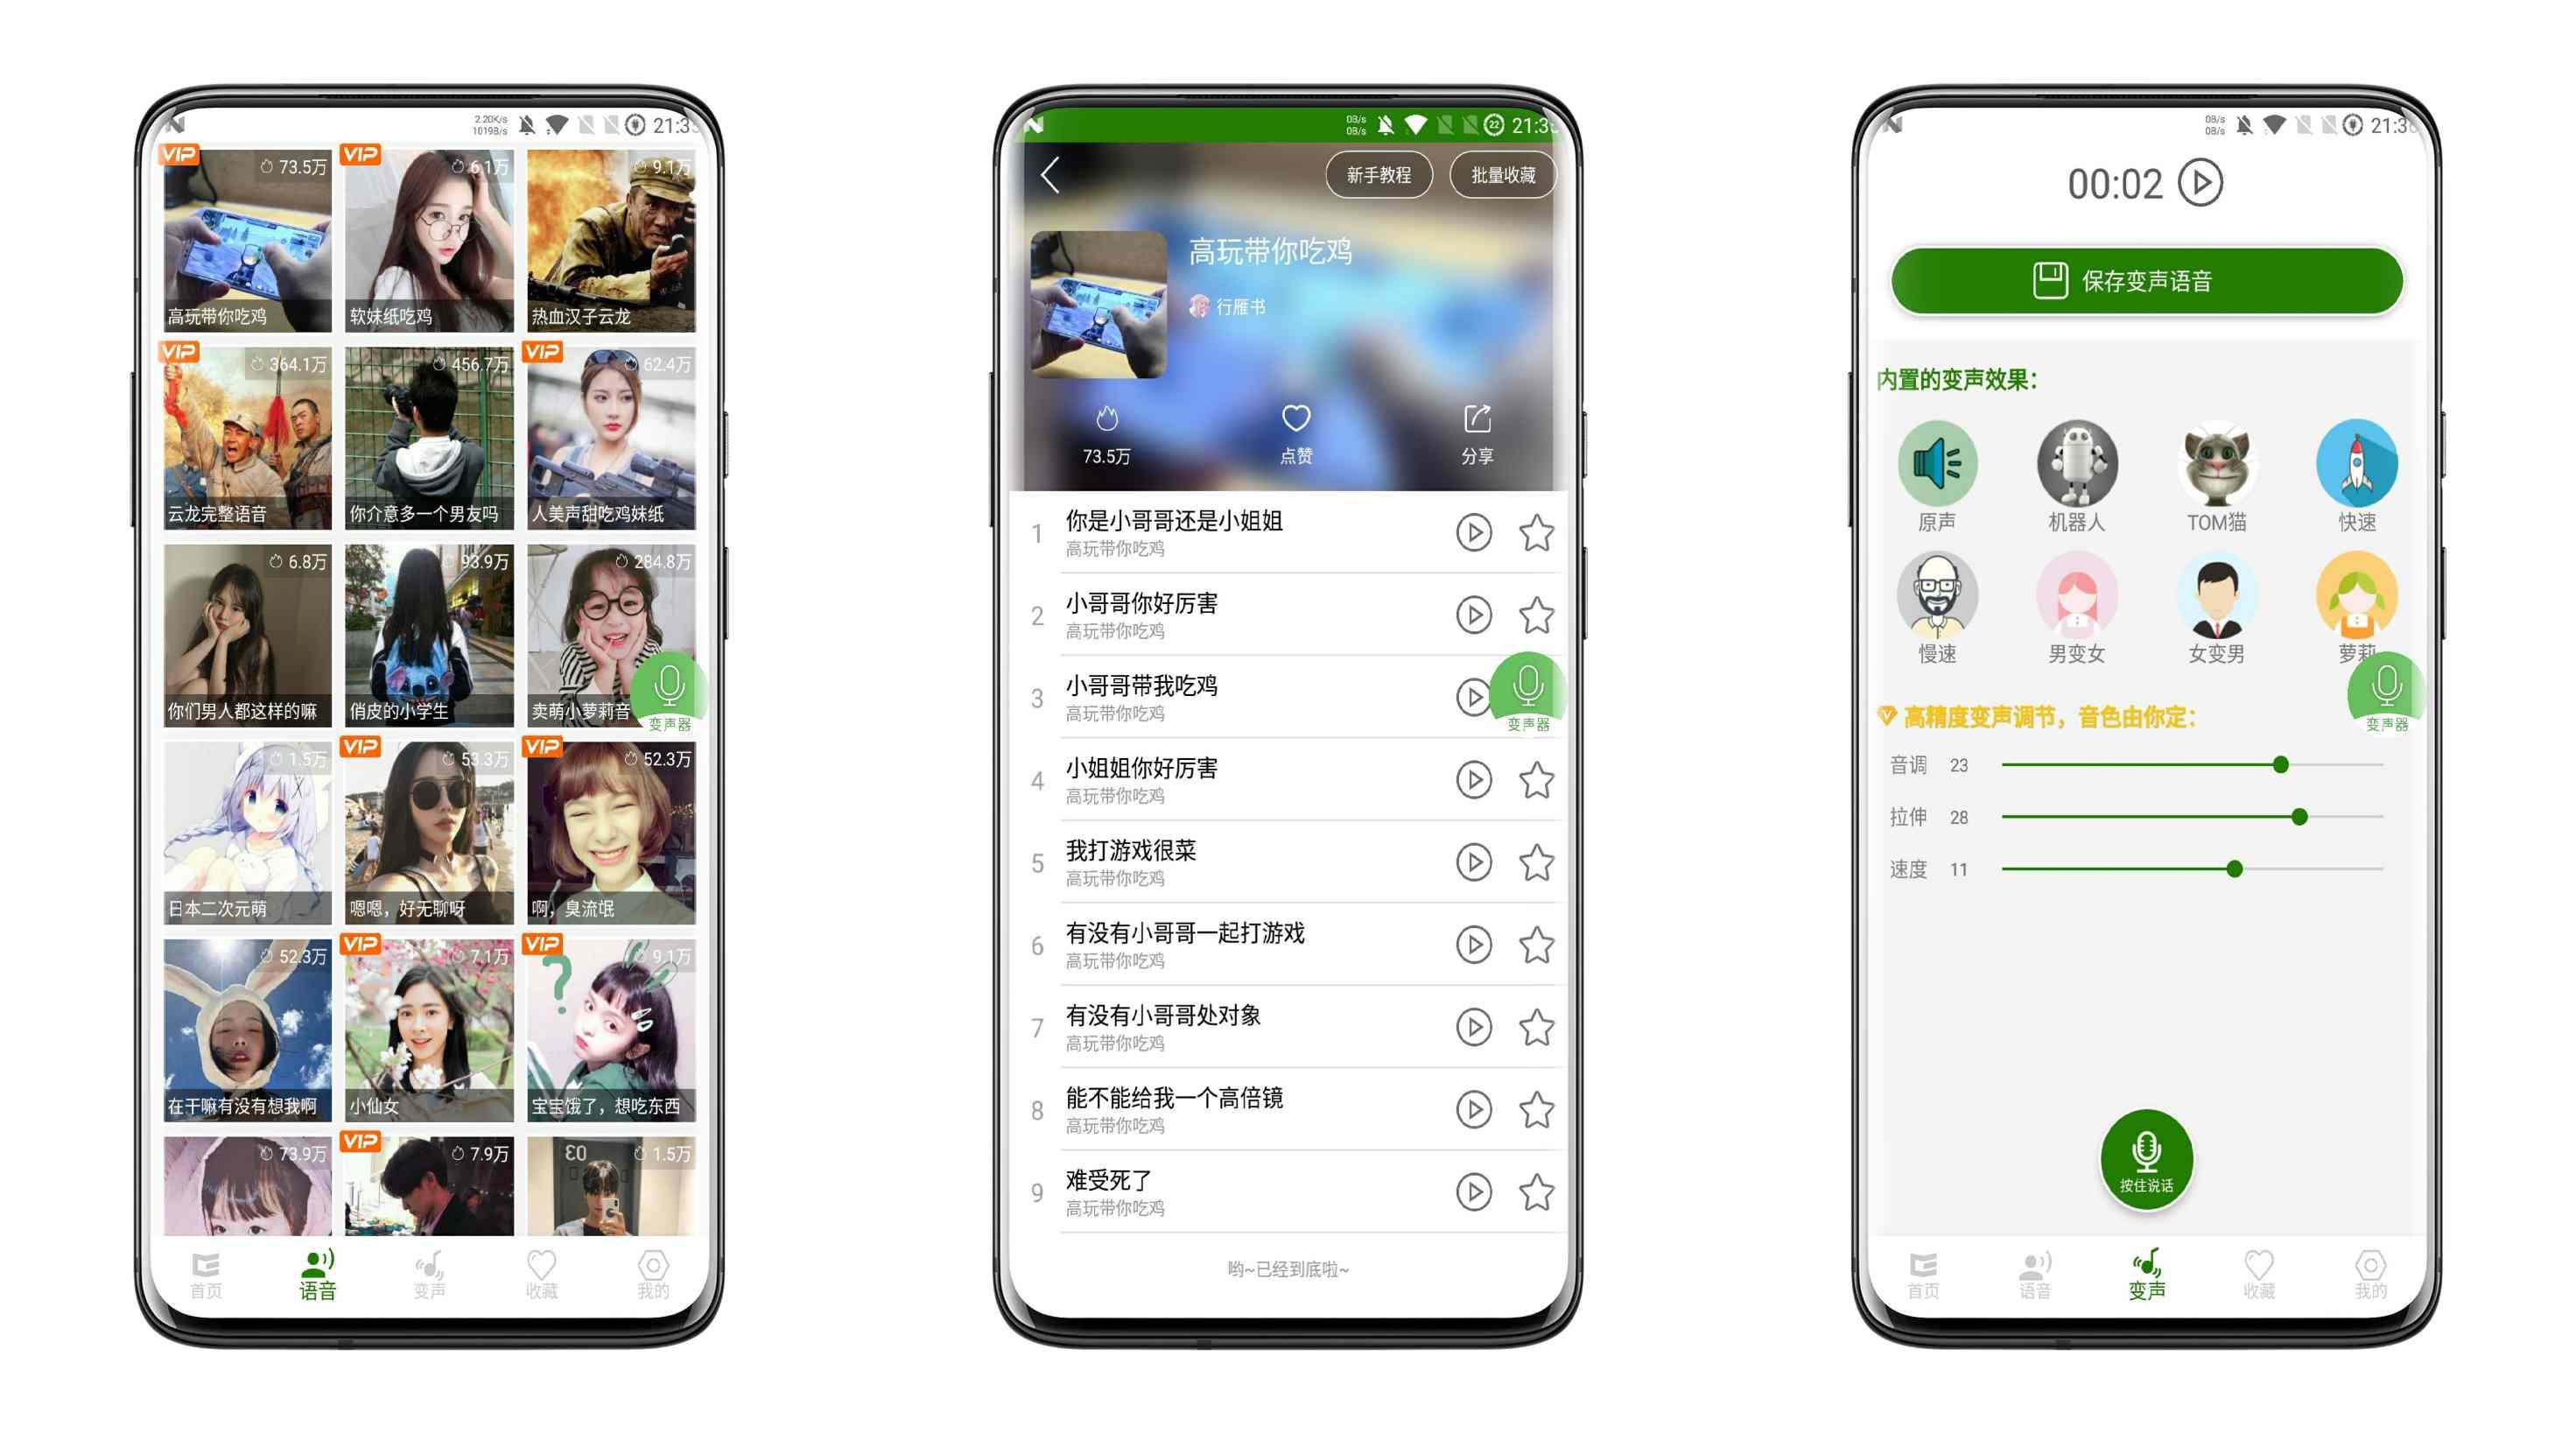 手机万能变声器v20.12.16解锁版